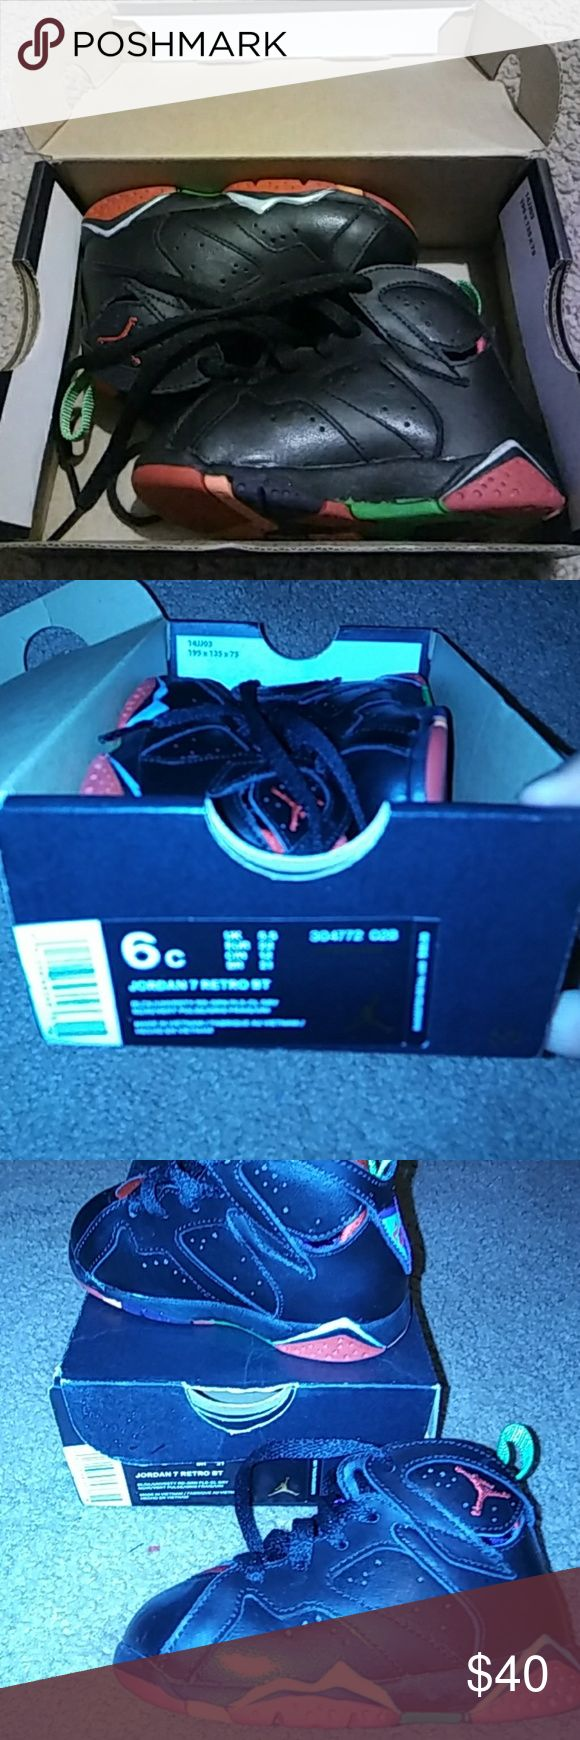 Jordan 7 Retro Jordan Retro size 6 Toddler Jordan Shoes Sneakers